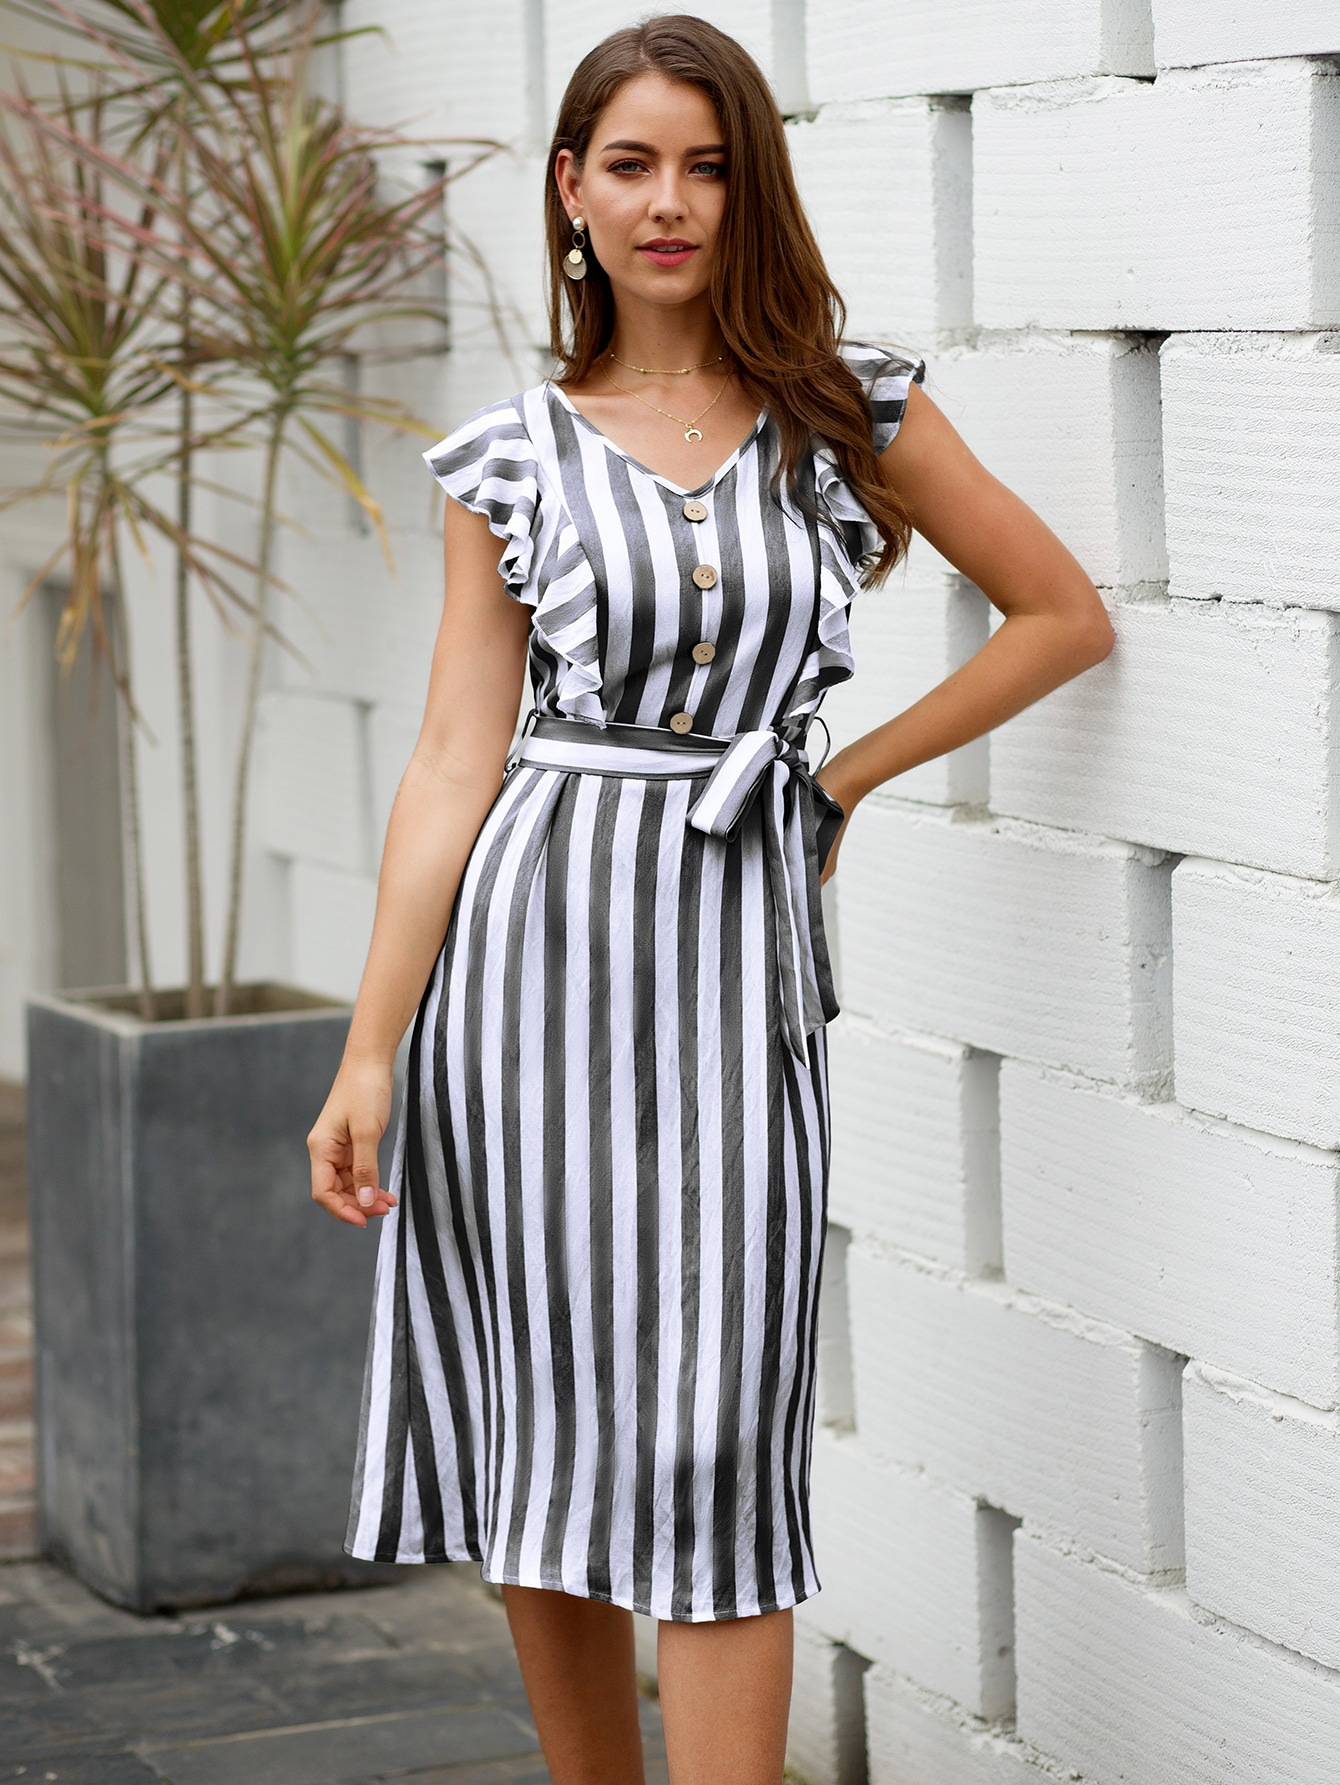 платье в вертикальную полоску фото образом, логотип ауди